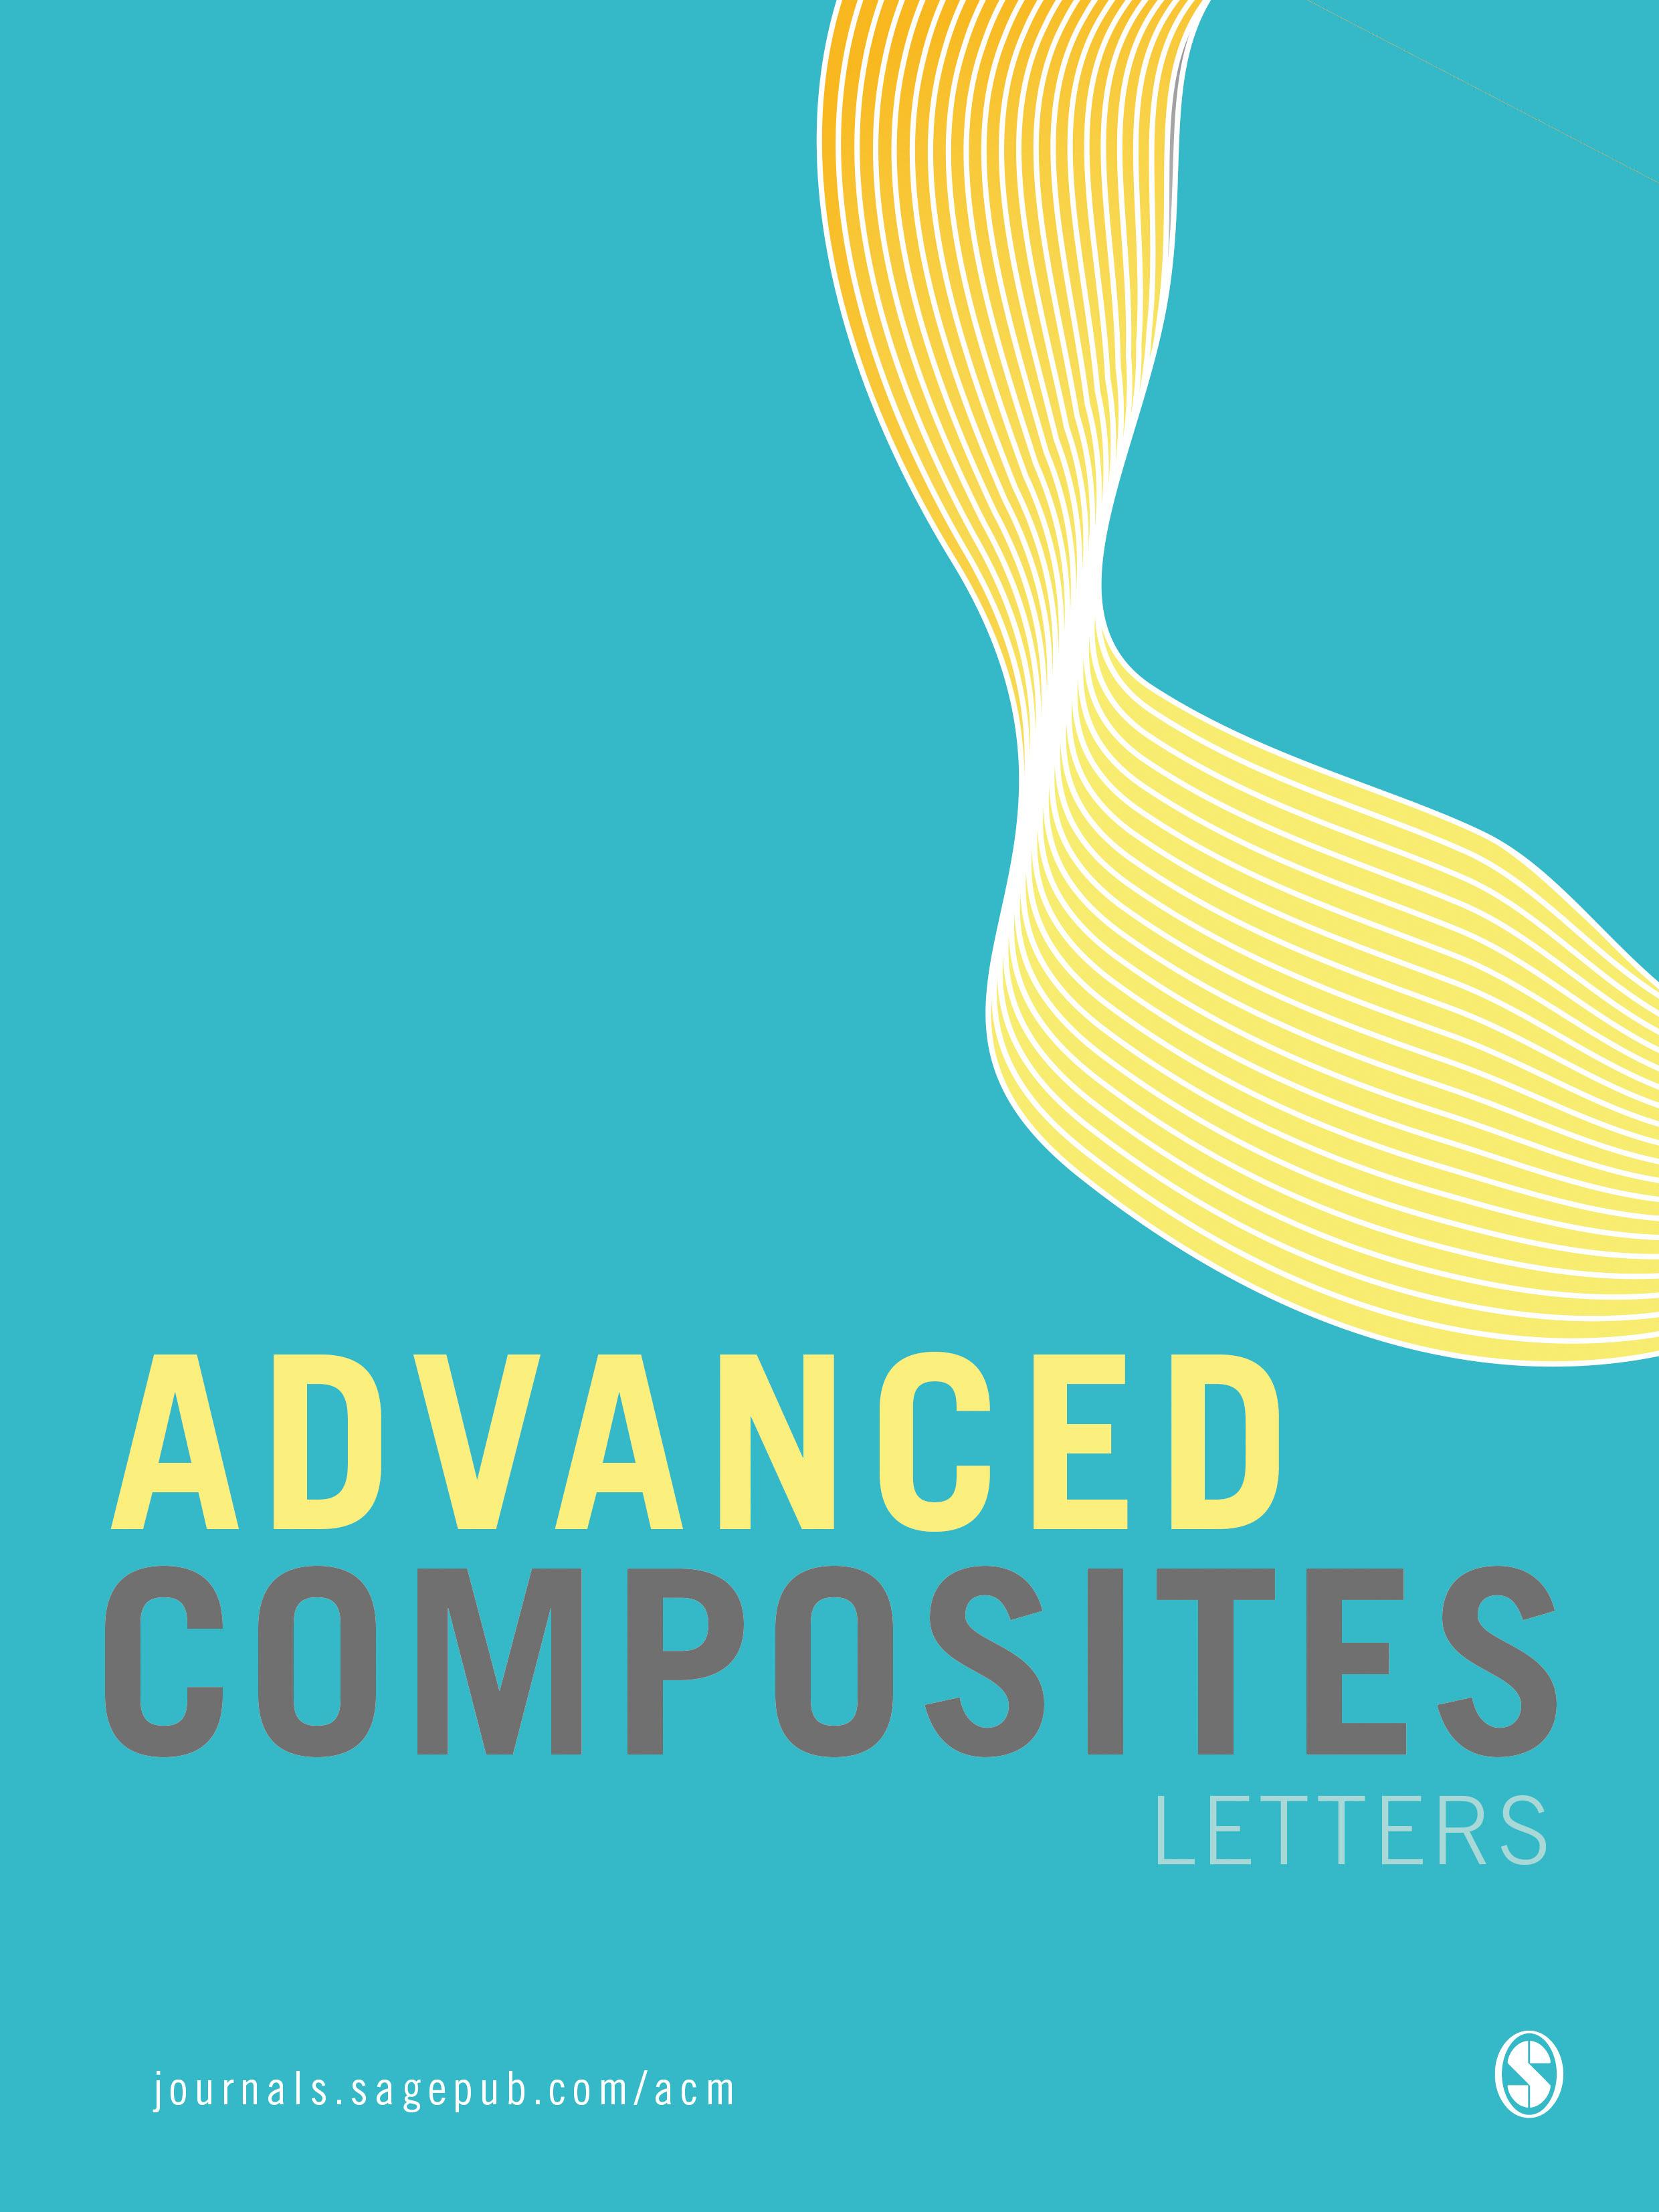 Advanced Composites Letters